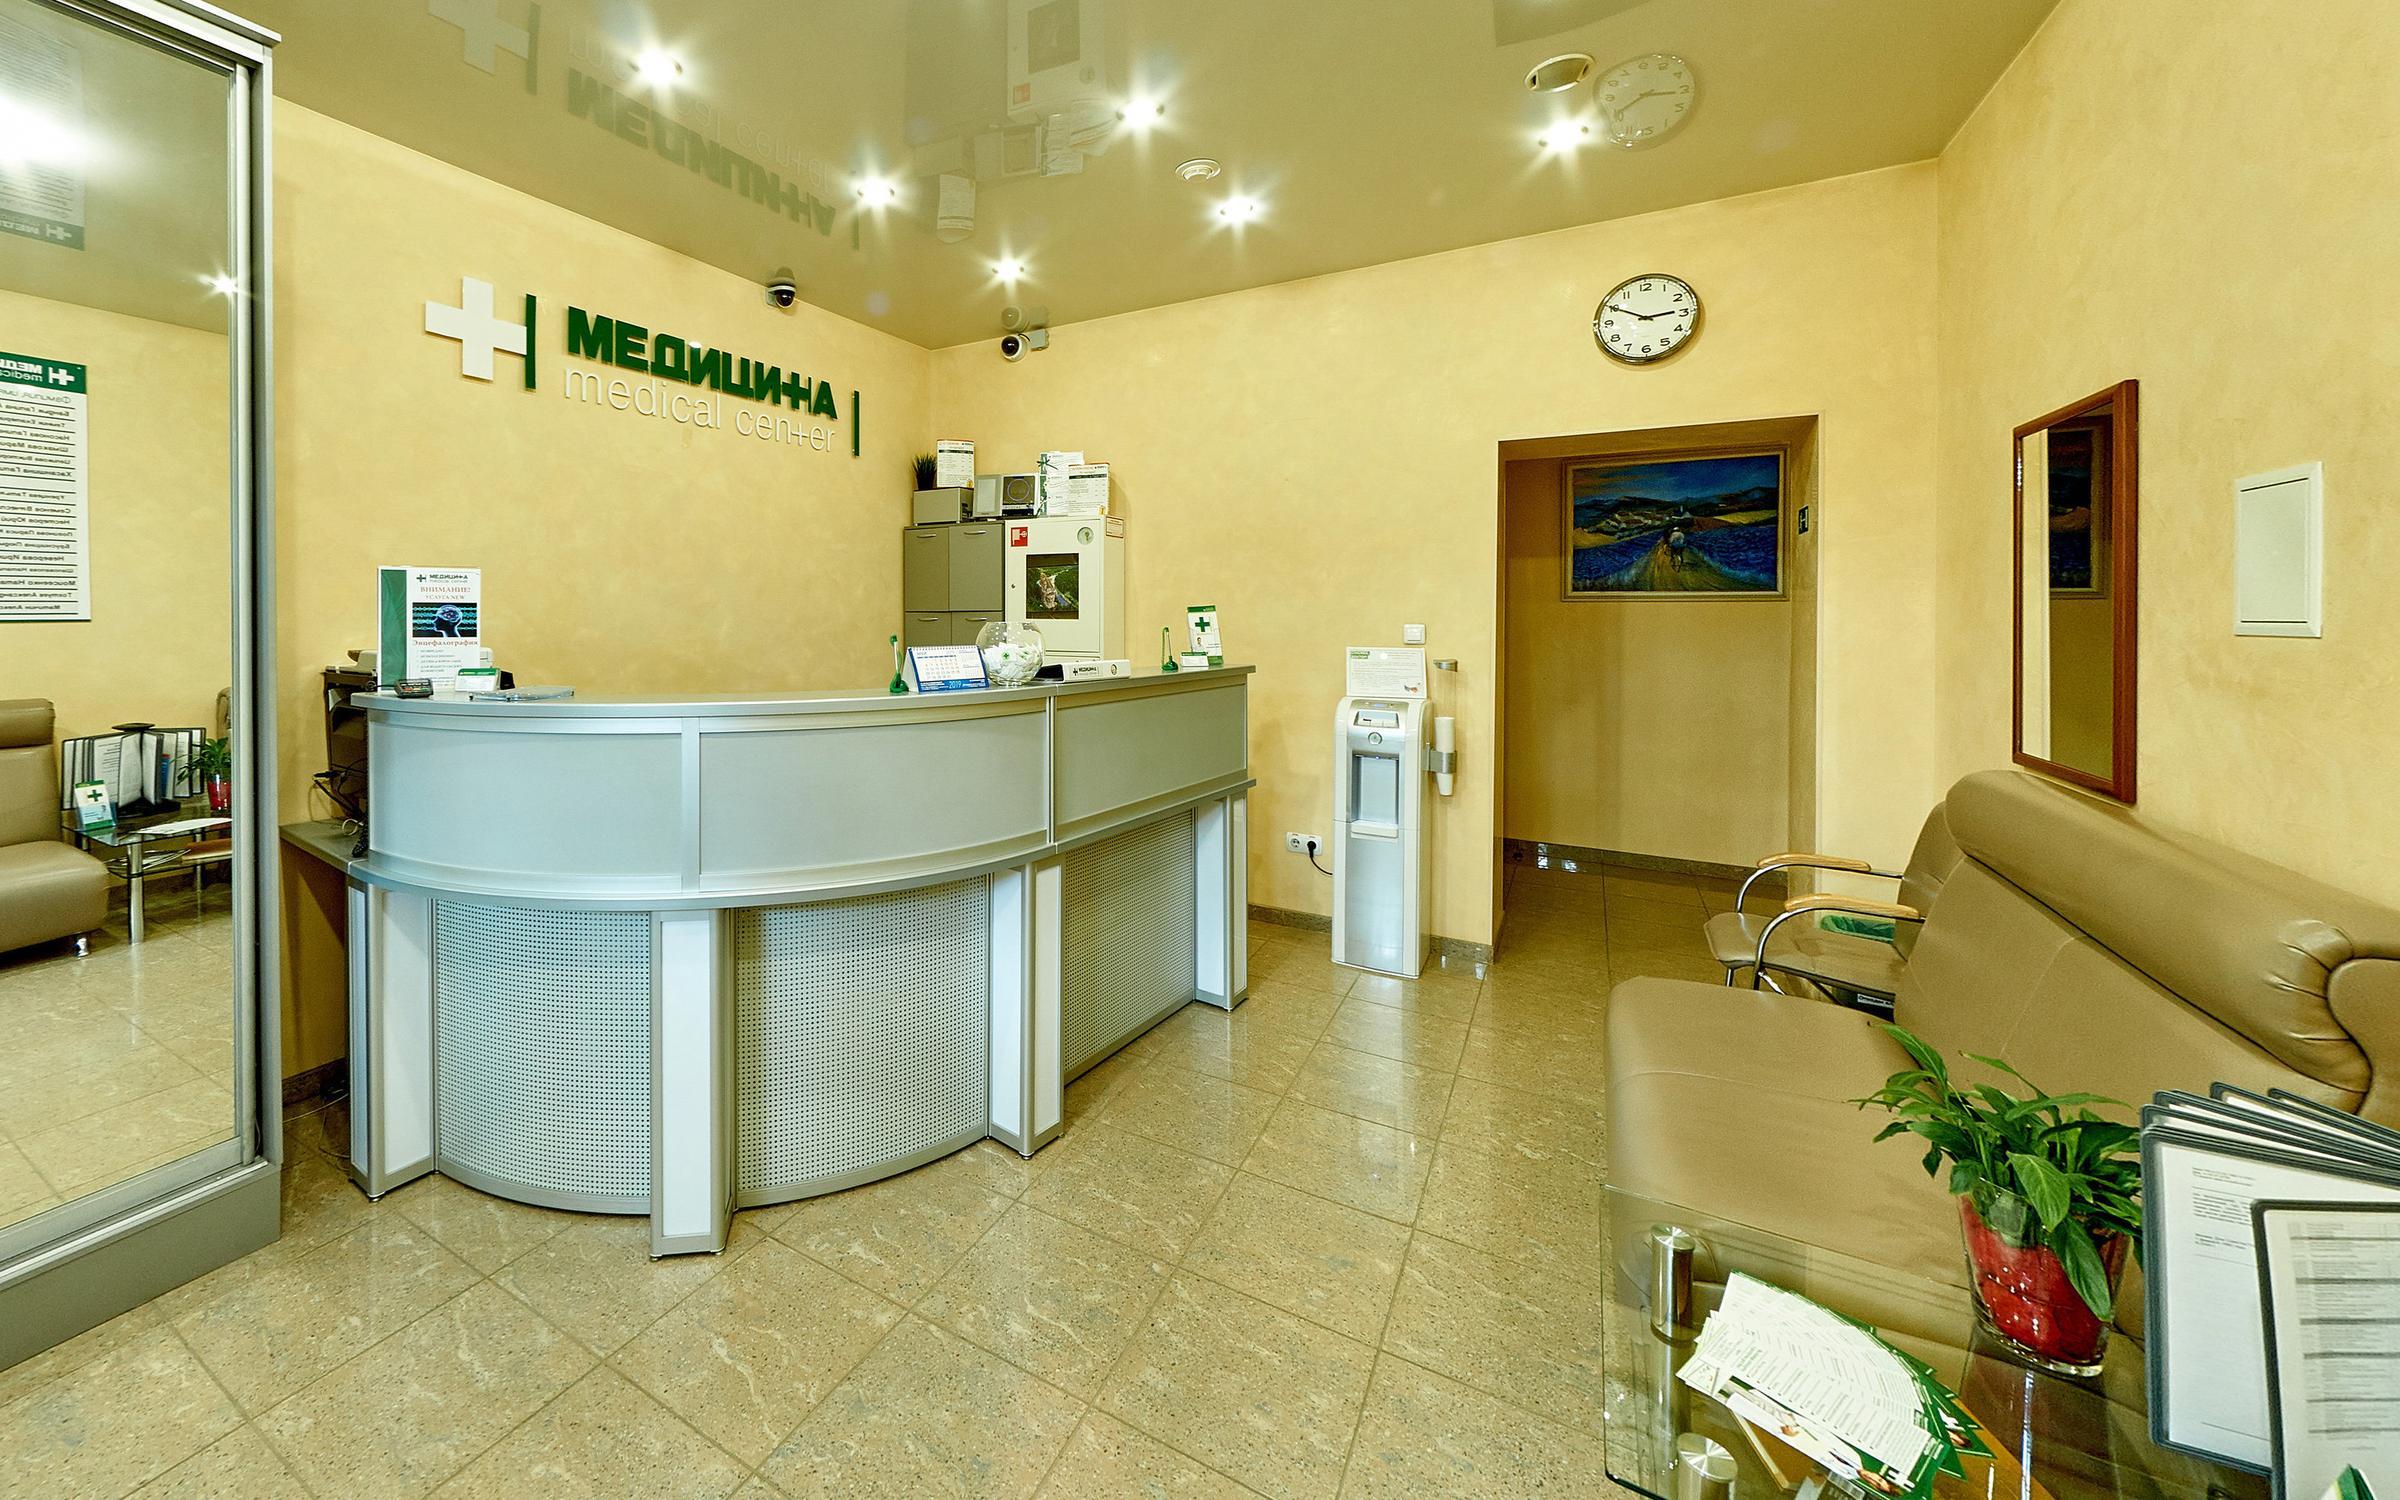 фотография Многопрофильного центра Медицина на шоссе Космонавтов